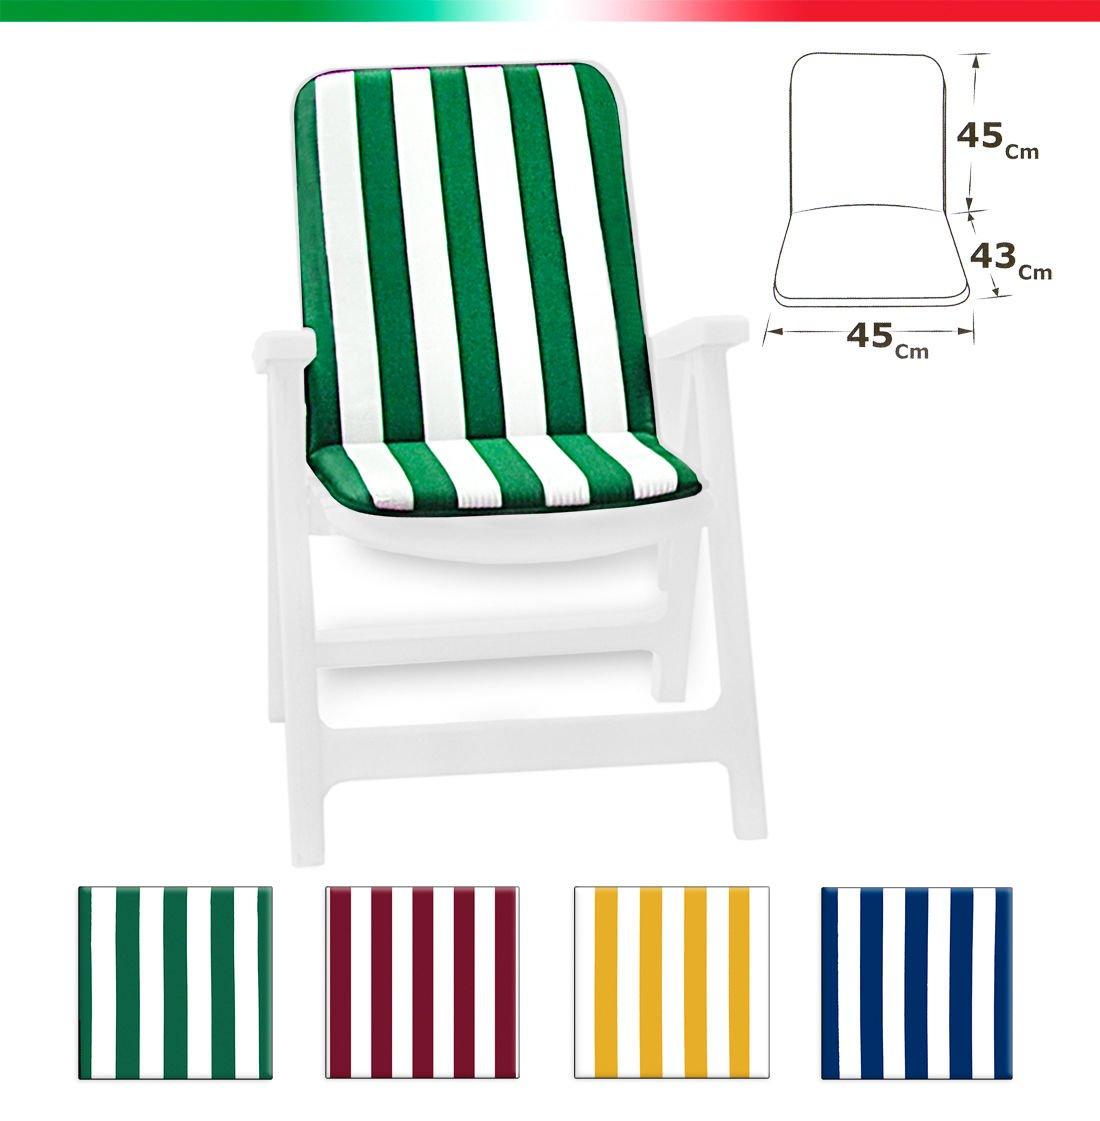 Cuscino copri sedia UNIVERSALE morbido a righe pieghevole tessuto cotone per piscina mare giardino mod.CAPRI FASCIATO VERDE EMMEVI